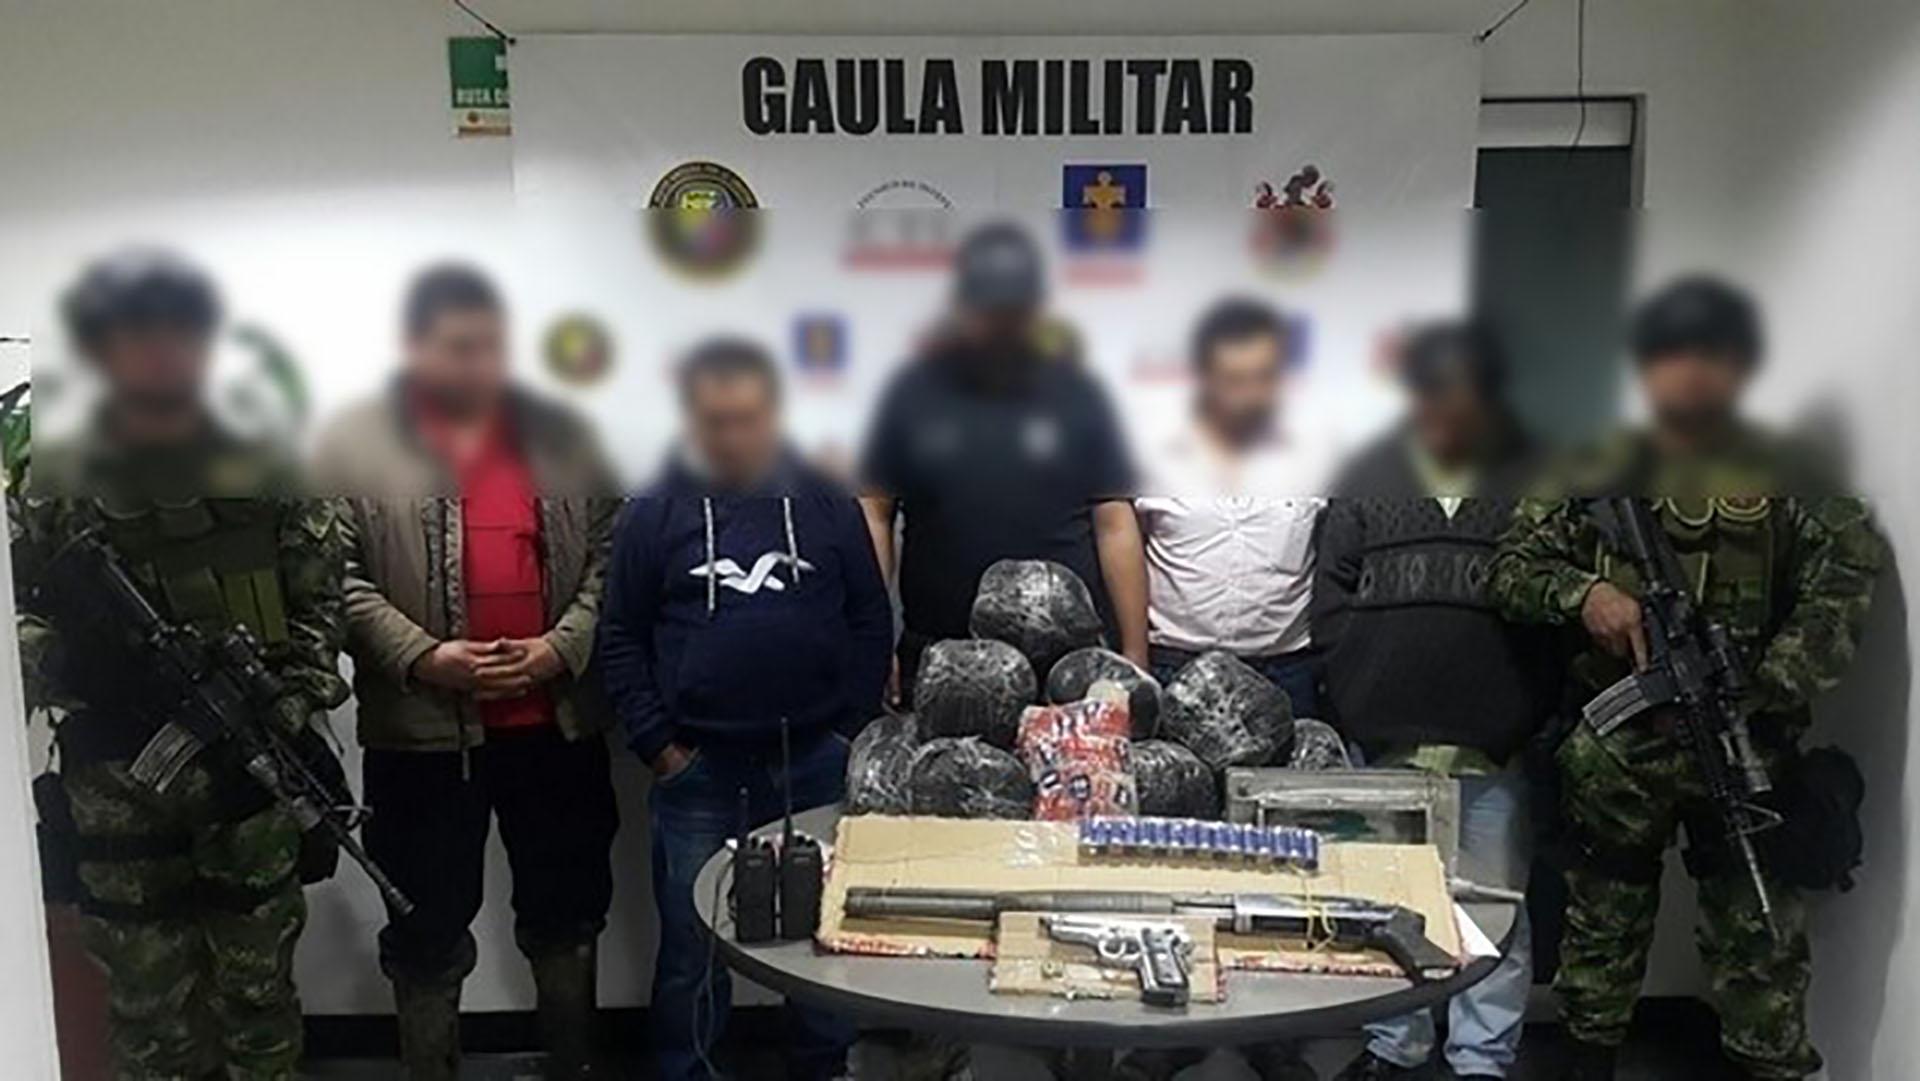 Capturados en el operativo del Gaula Militar donde descubrieron una nueva modalidad del narcotráfico cerca de las ciudades.